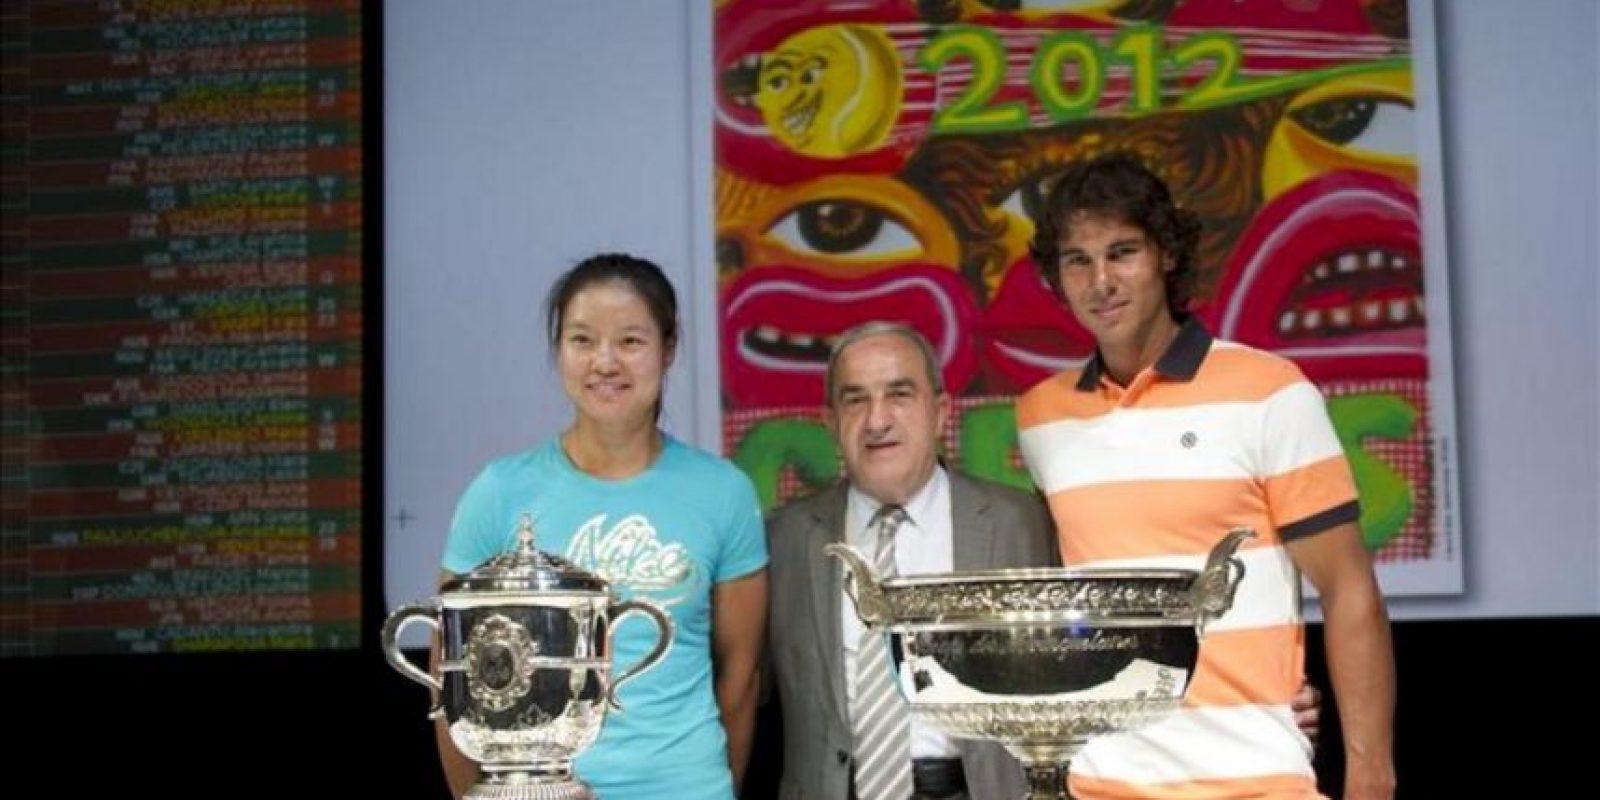 El presidente de la Federación Francesa de Tenis, Jean Gachassin (centro), posa junto al tenista español Rafa Nadal (dcha) y la tenista china Na Li (izda) en el sorteo del torneo de Roland Garrós celebrado en París (Francia) hoy, viernes 25 de mayo de 2012. EFE